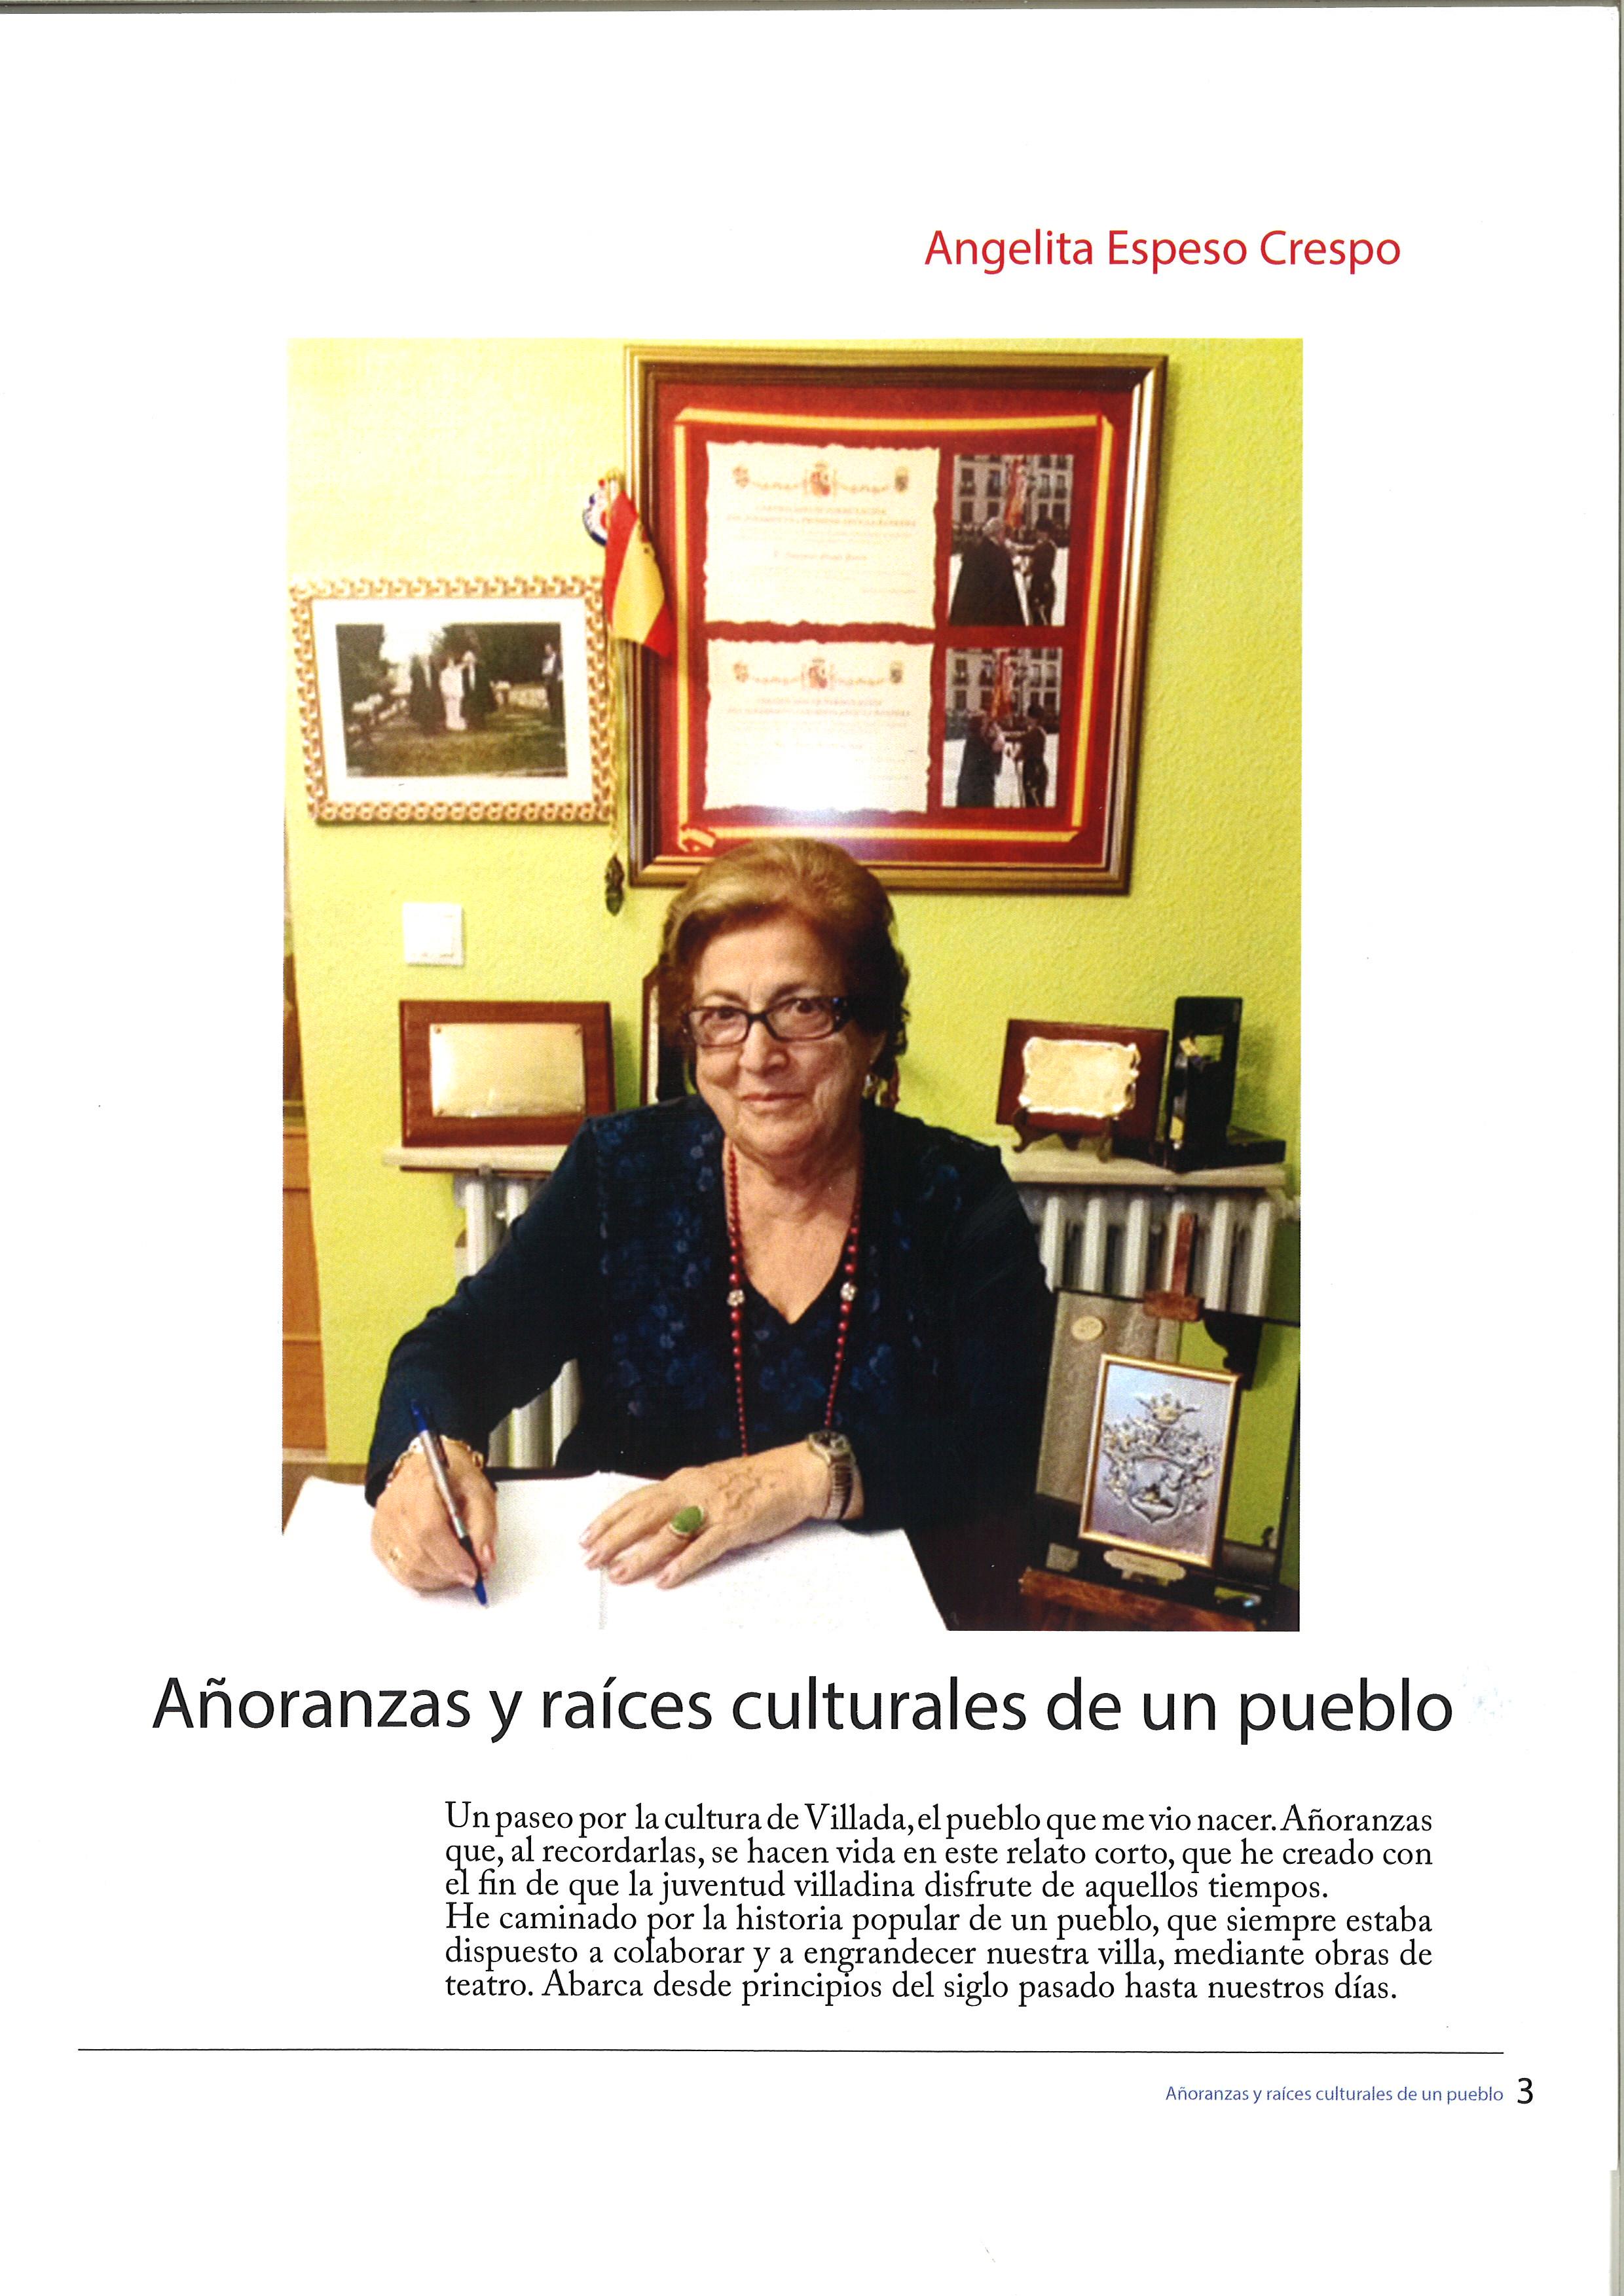 Añoranzas y Raíces Culturales de un Pueblo. Angelita Espeso